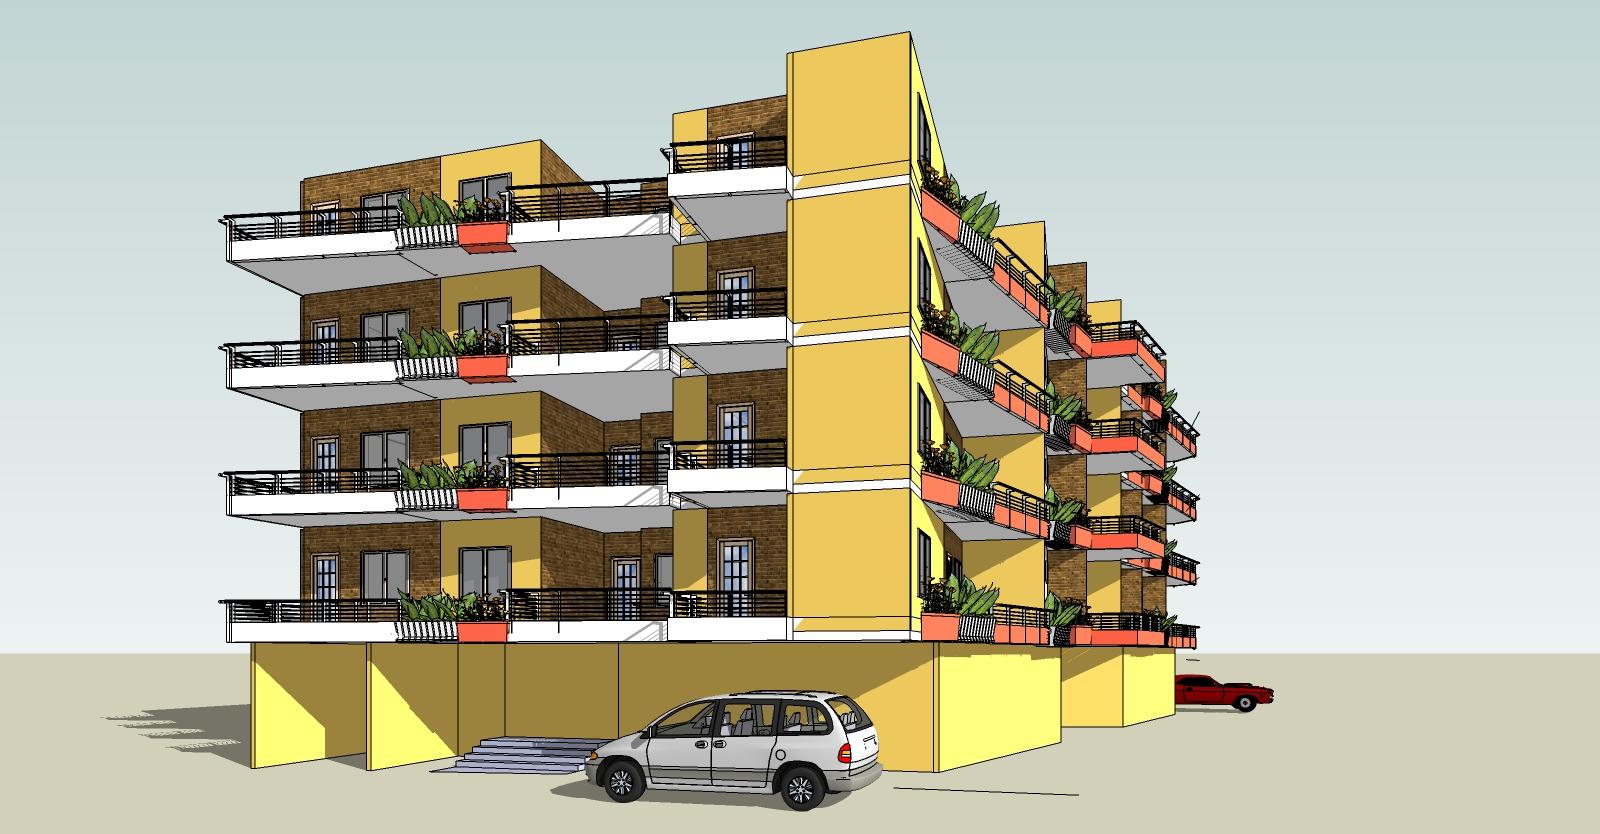 20 unit apartment building plans images